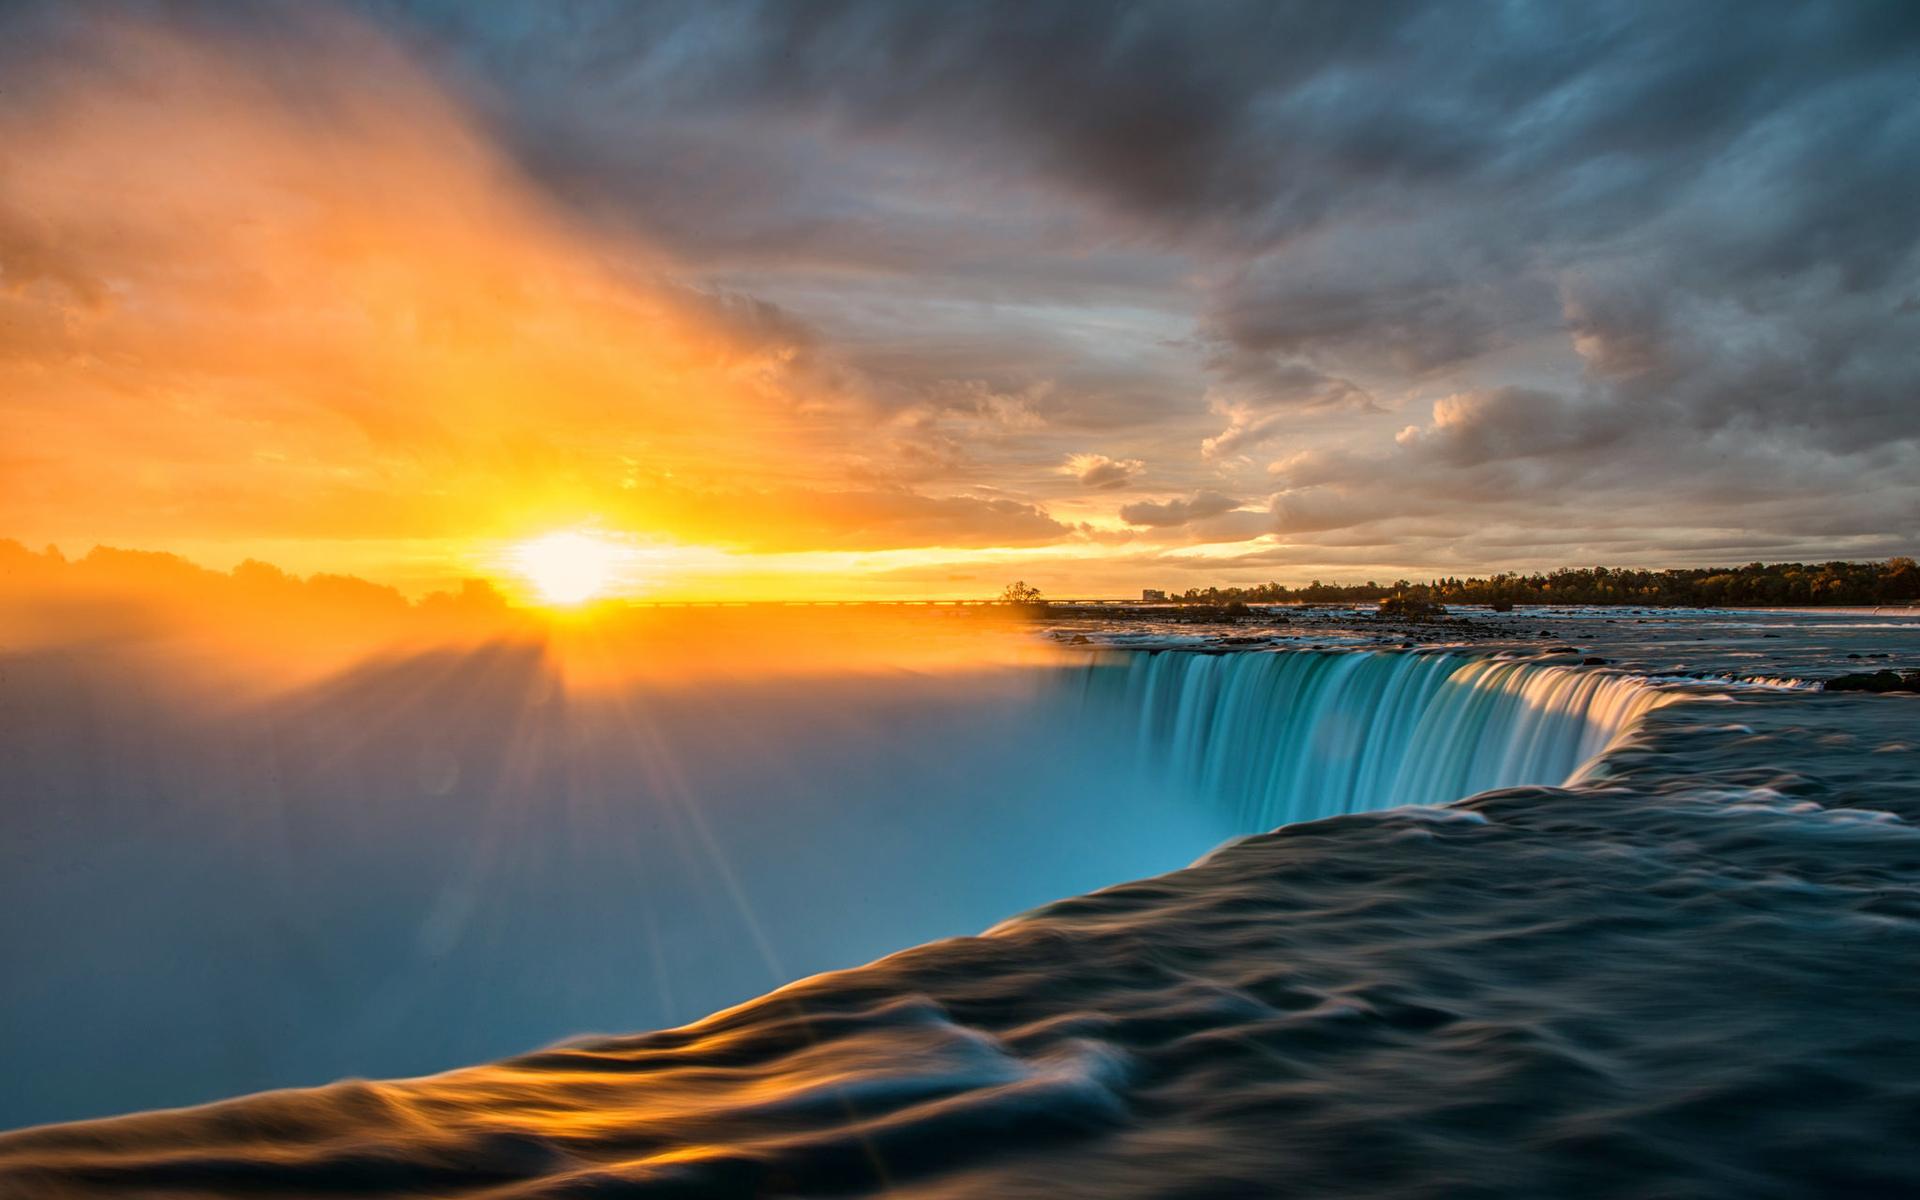 Картинки водопад в лучах солнца